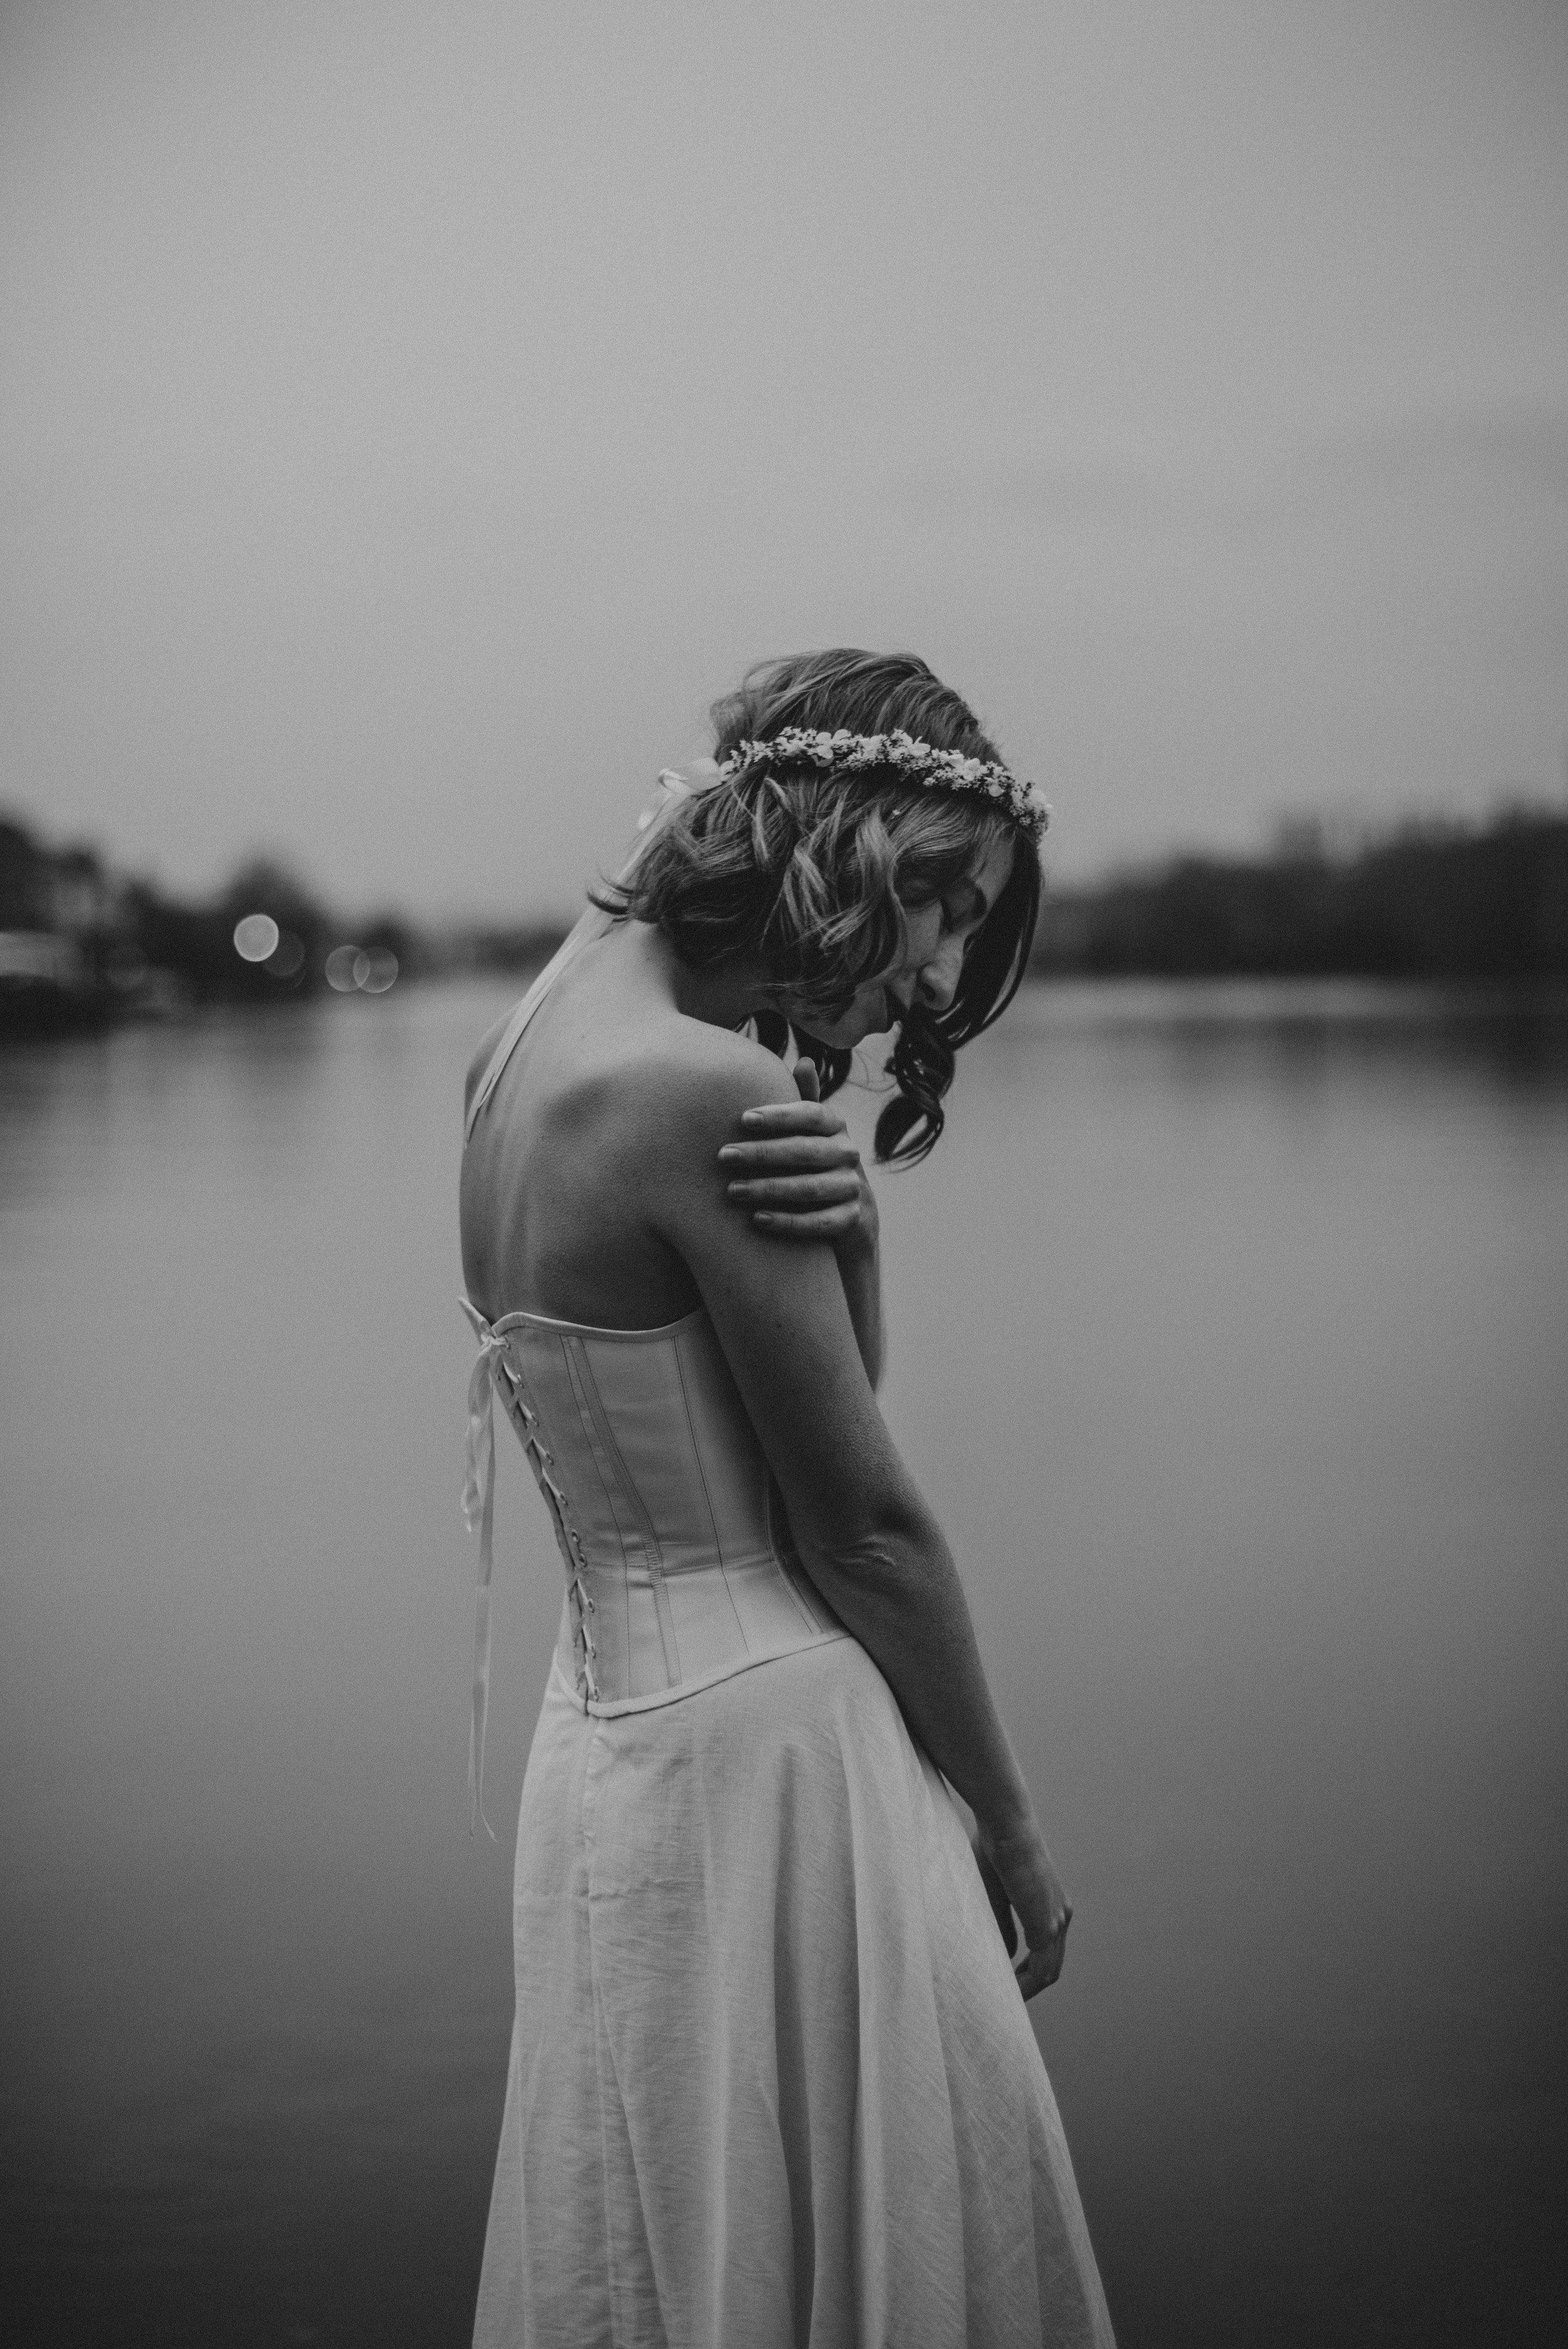 Léa-Fery-photographe-professionnel-lyon-rhone-alpes-portrait-creation-mariage-evenement-evenementiel-famille-6401-2.jpg